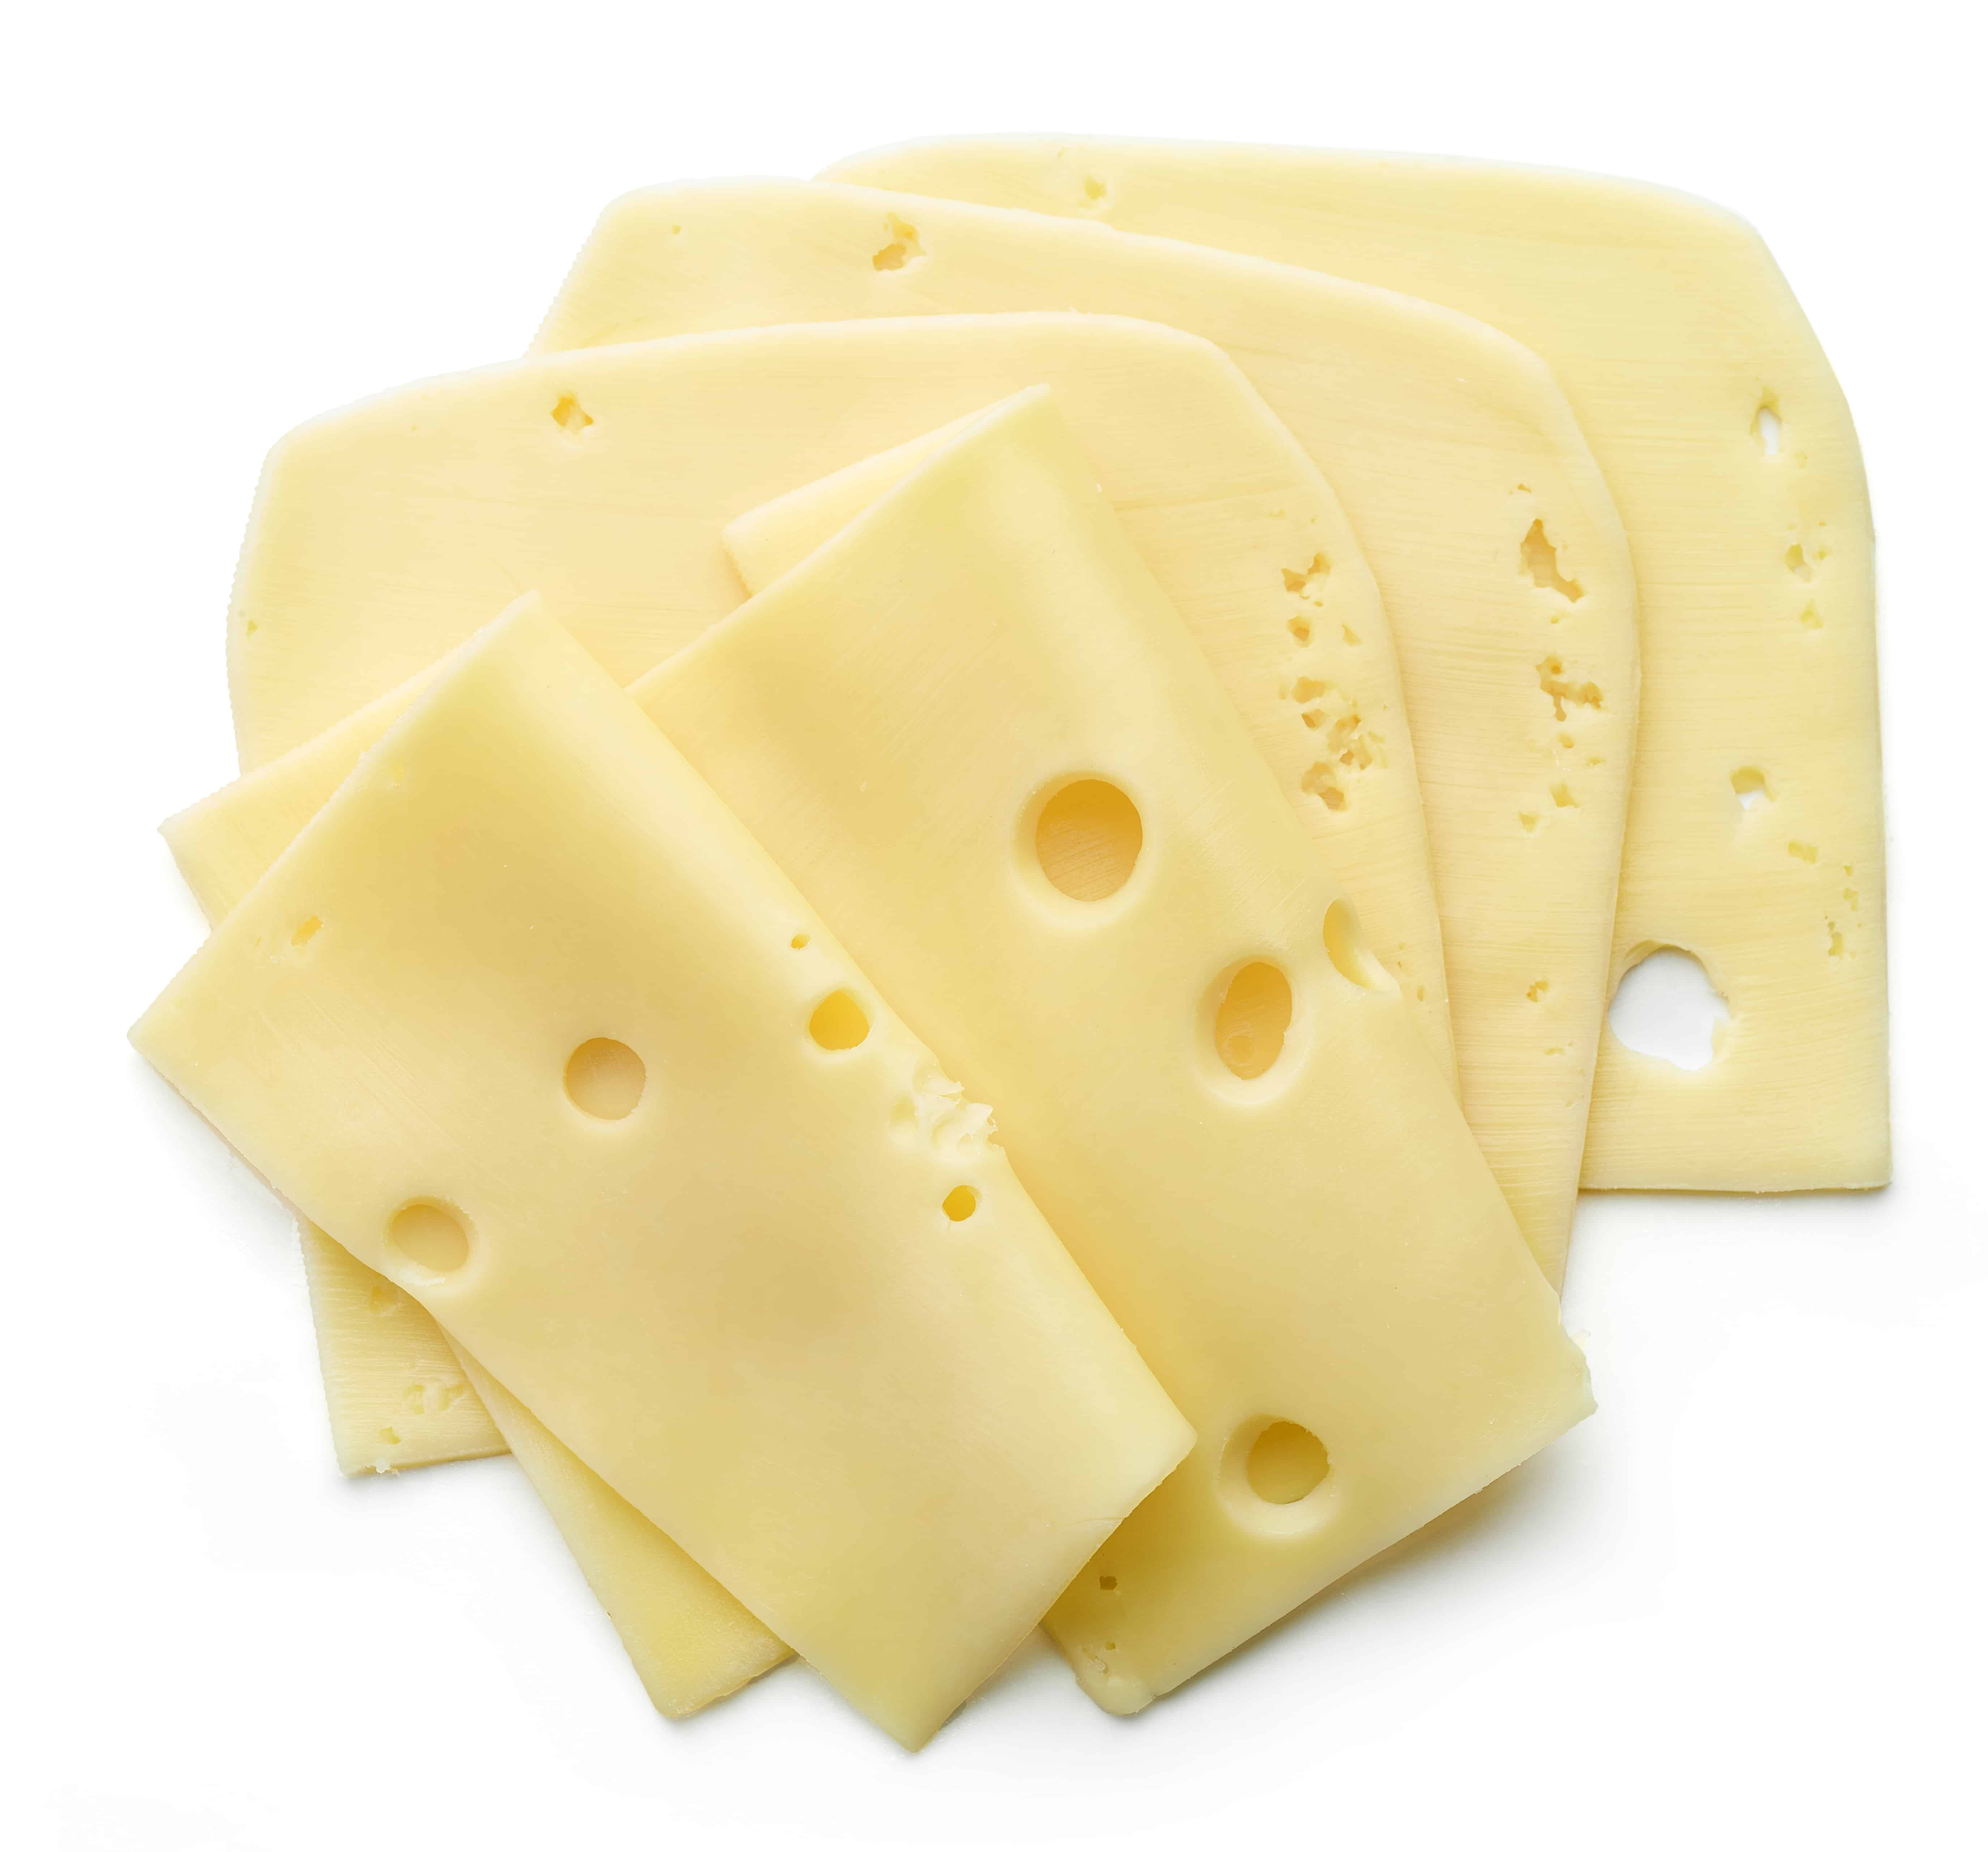 Kaas, hoe gezond is het gele goud eigenlijk?